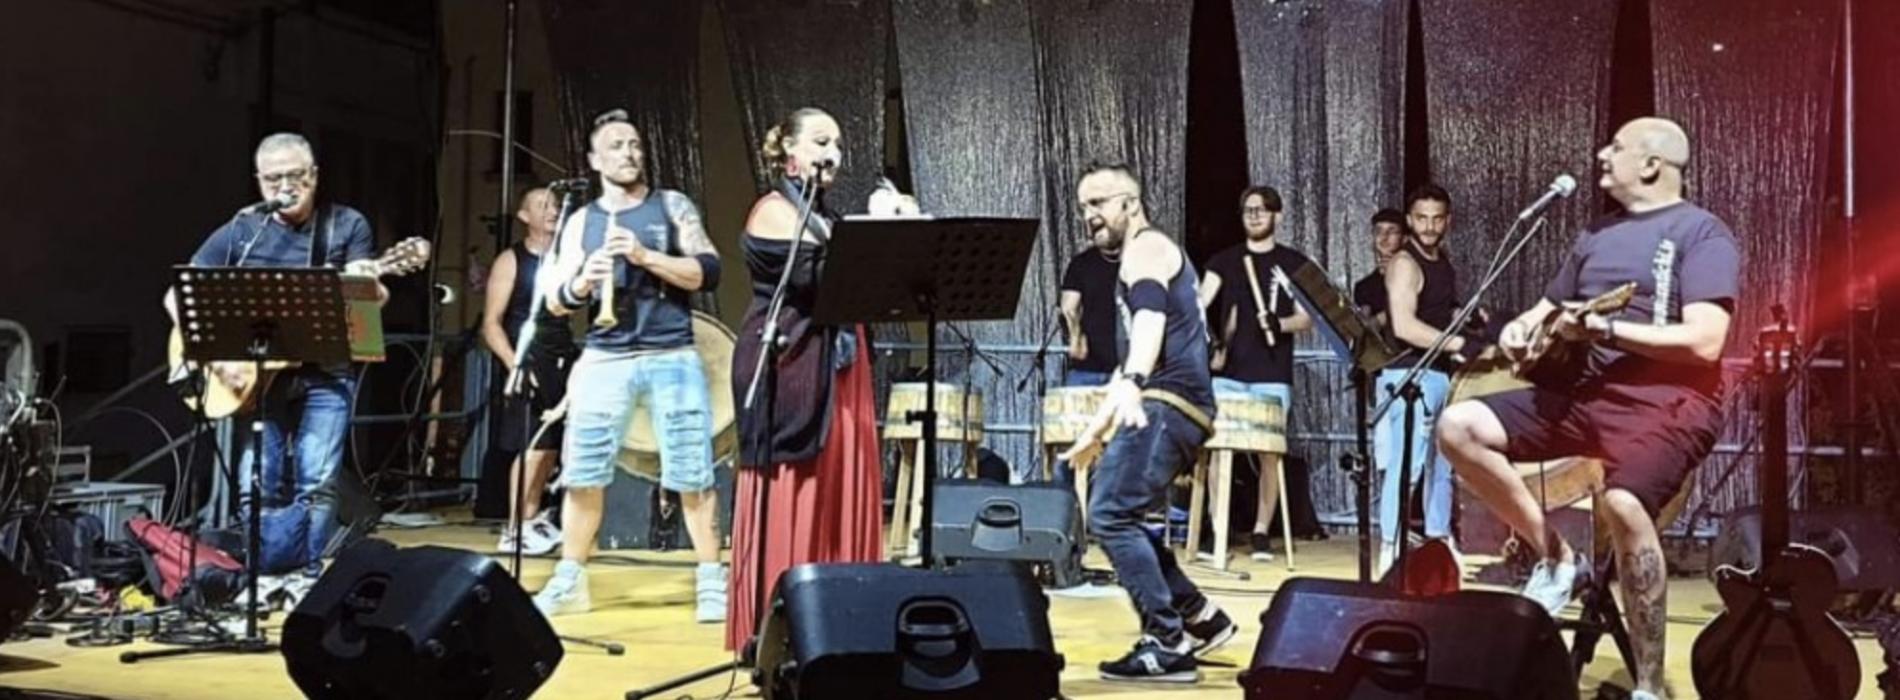 Macerata Campania, 100 bottari al Festival dei Suoni Antichi